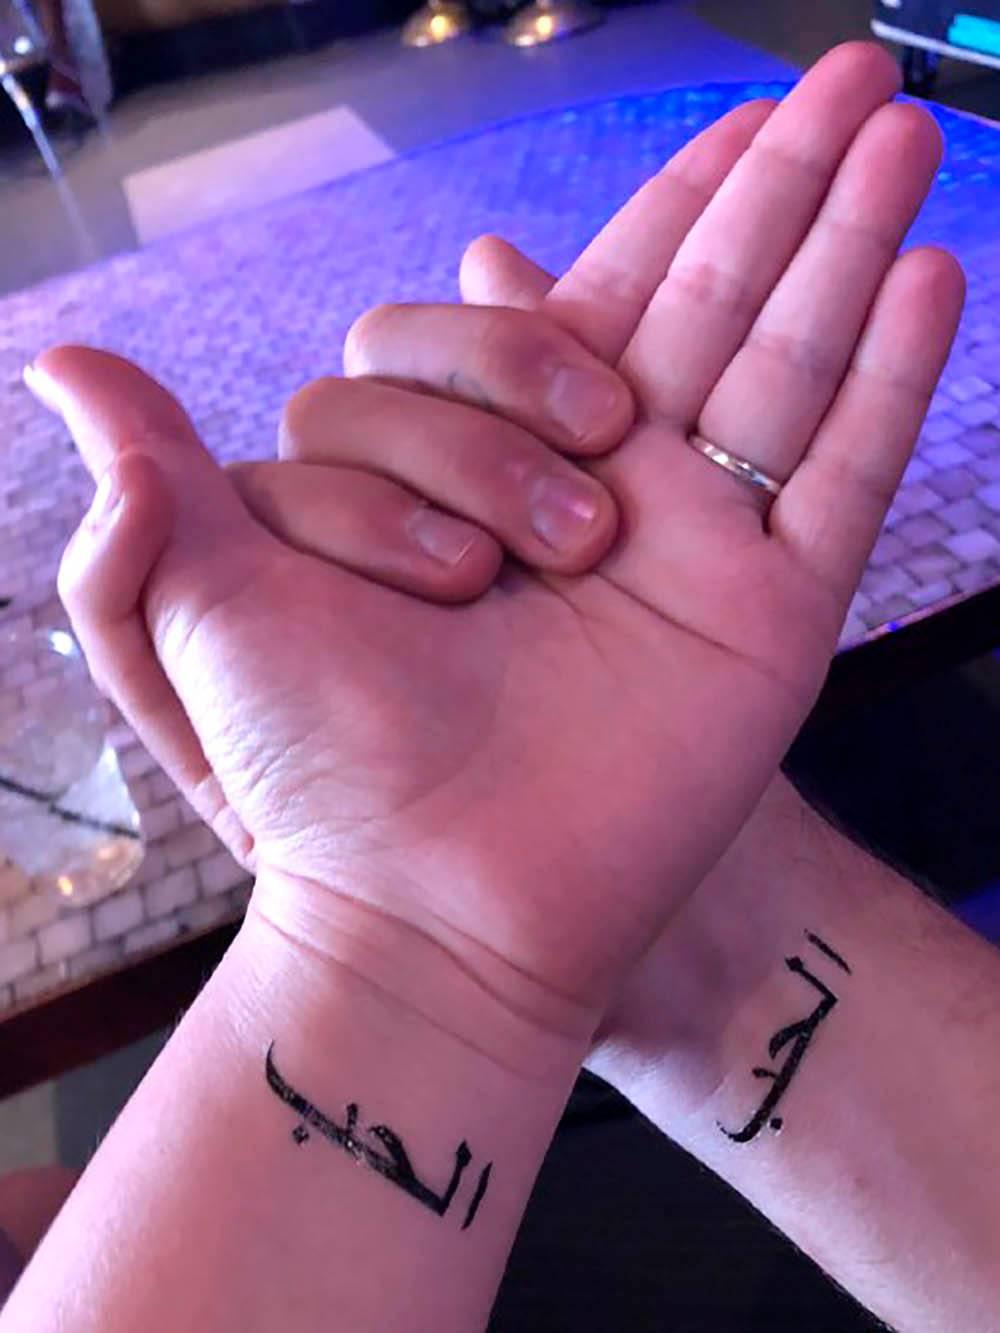 Переводные татуировки «любовь» на арабском языке. Мы с мужем оба увлекаемся Ближним Востоком